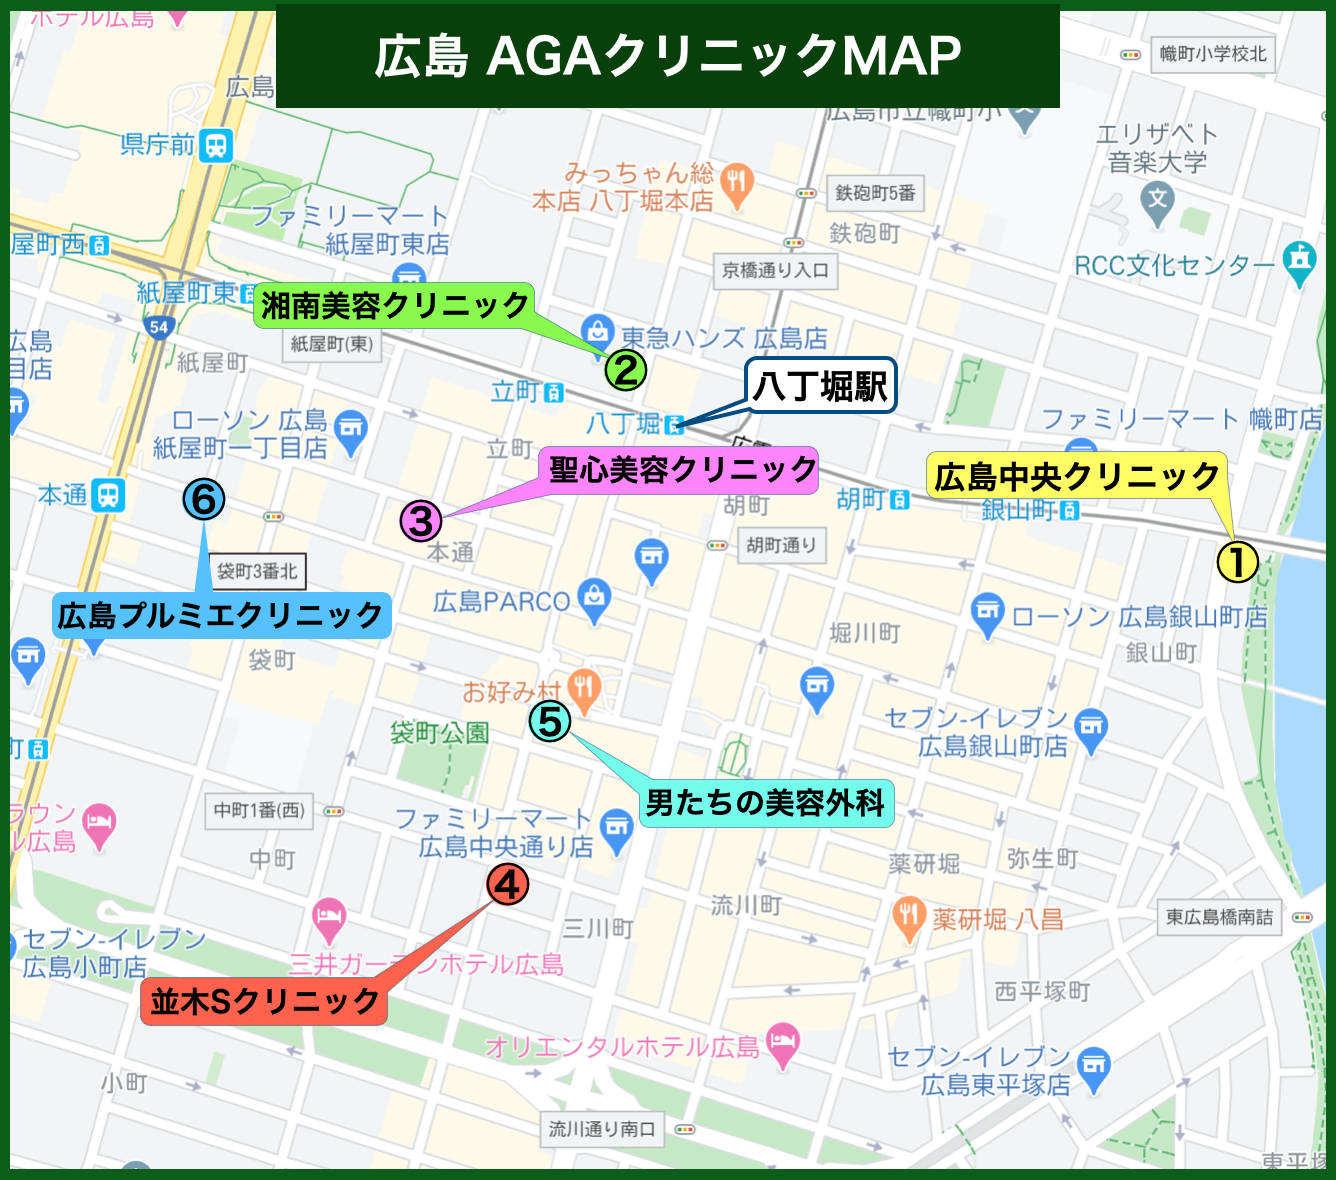 広島 AGAクリニックMAP(2021年版)